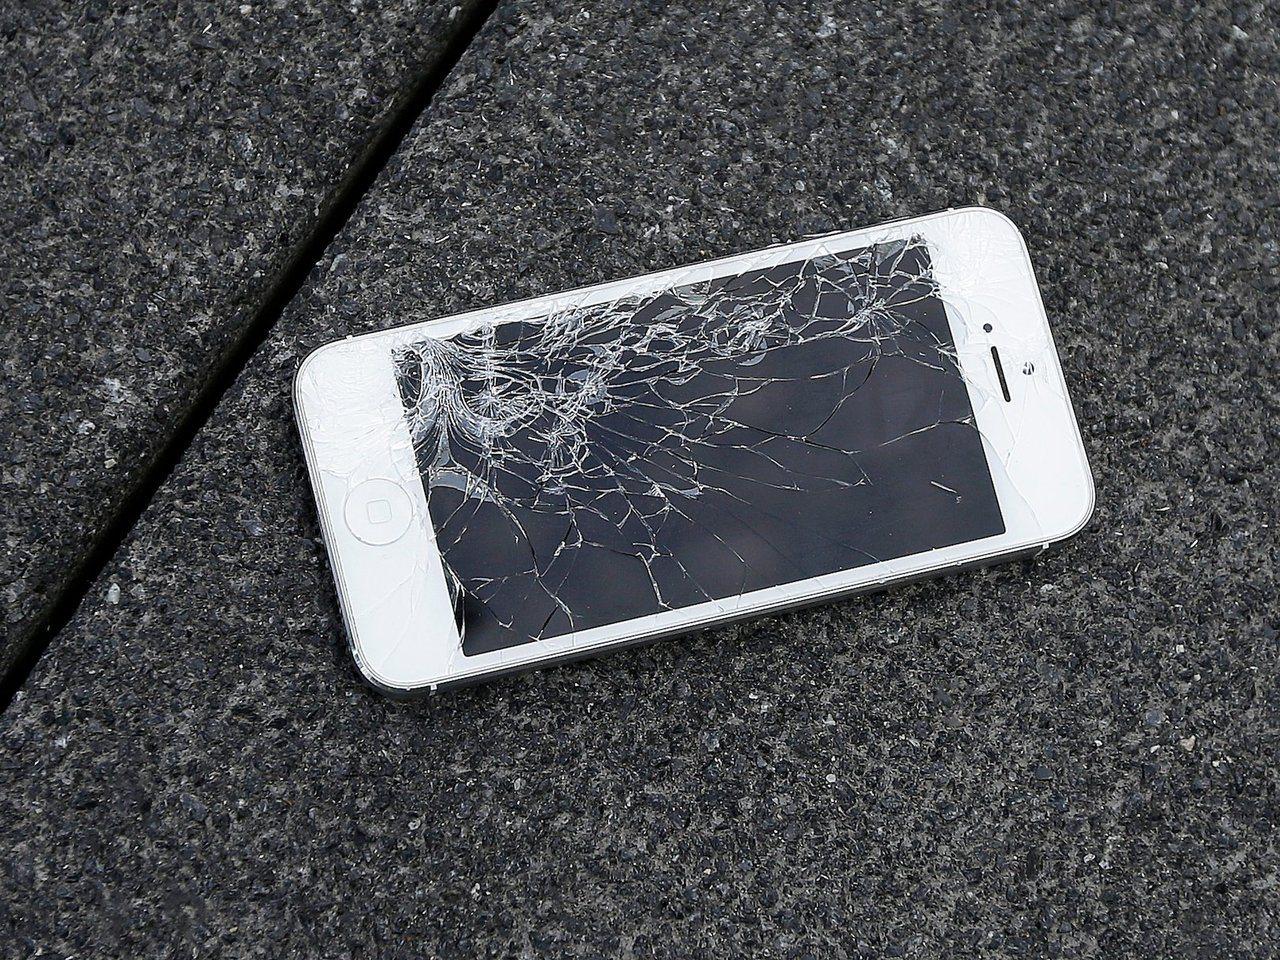 智慧手機螢幕的修理費用相當昂貴。 美聯社